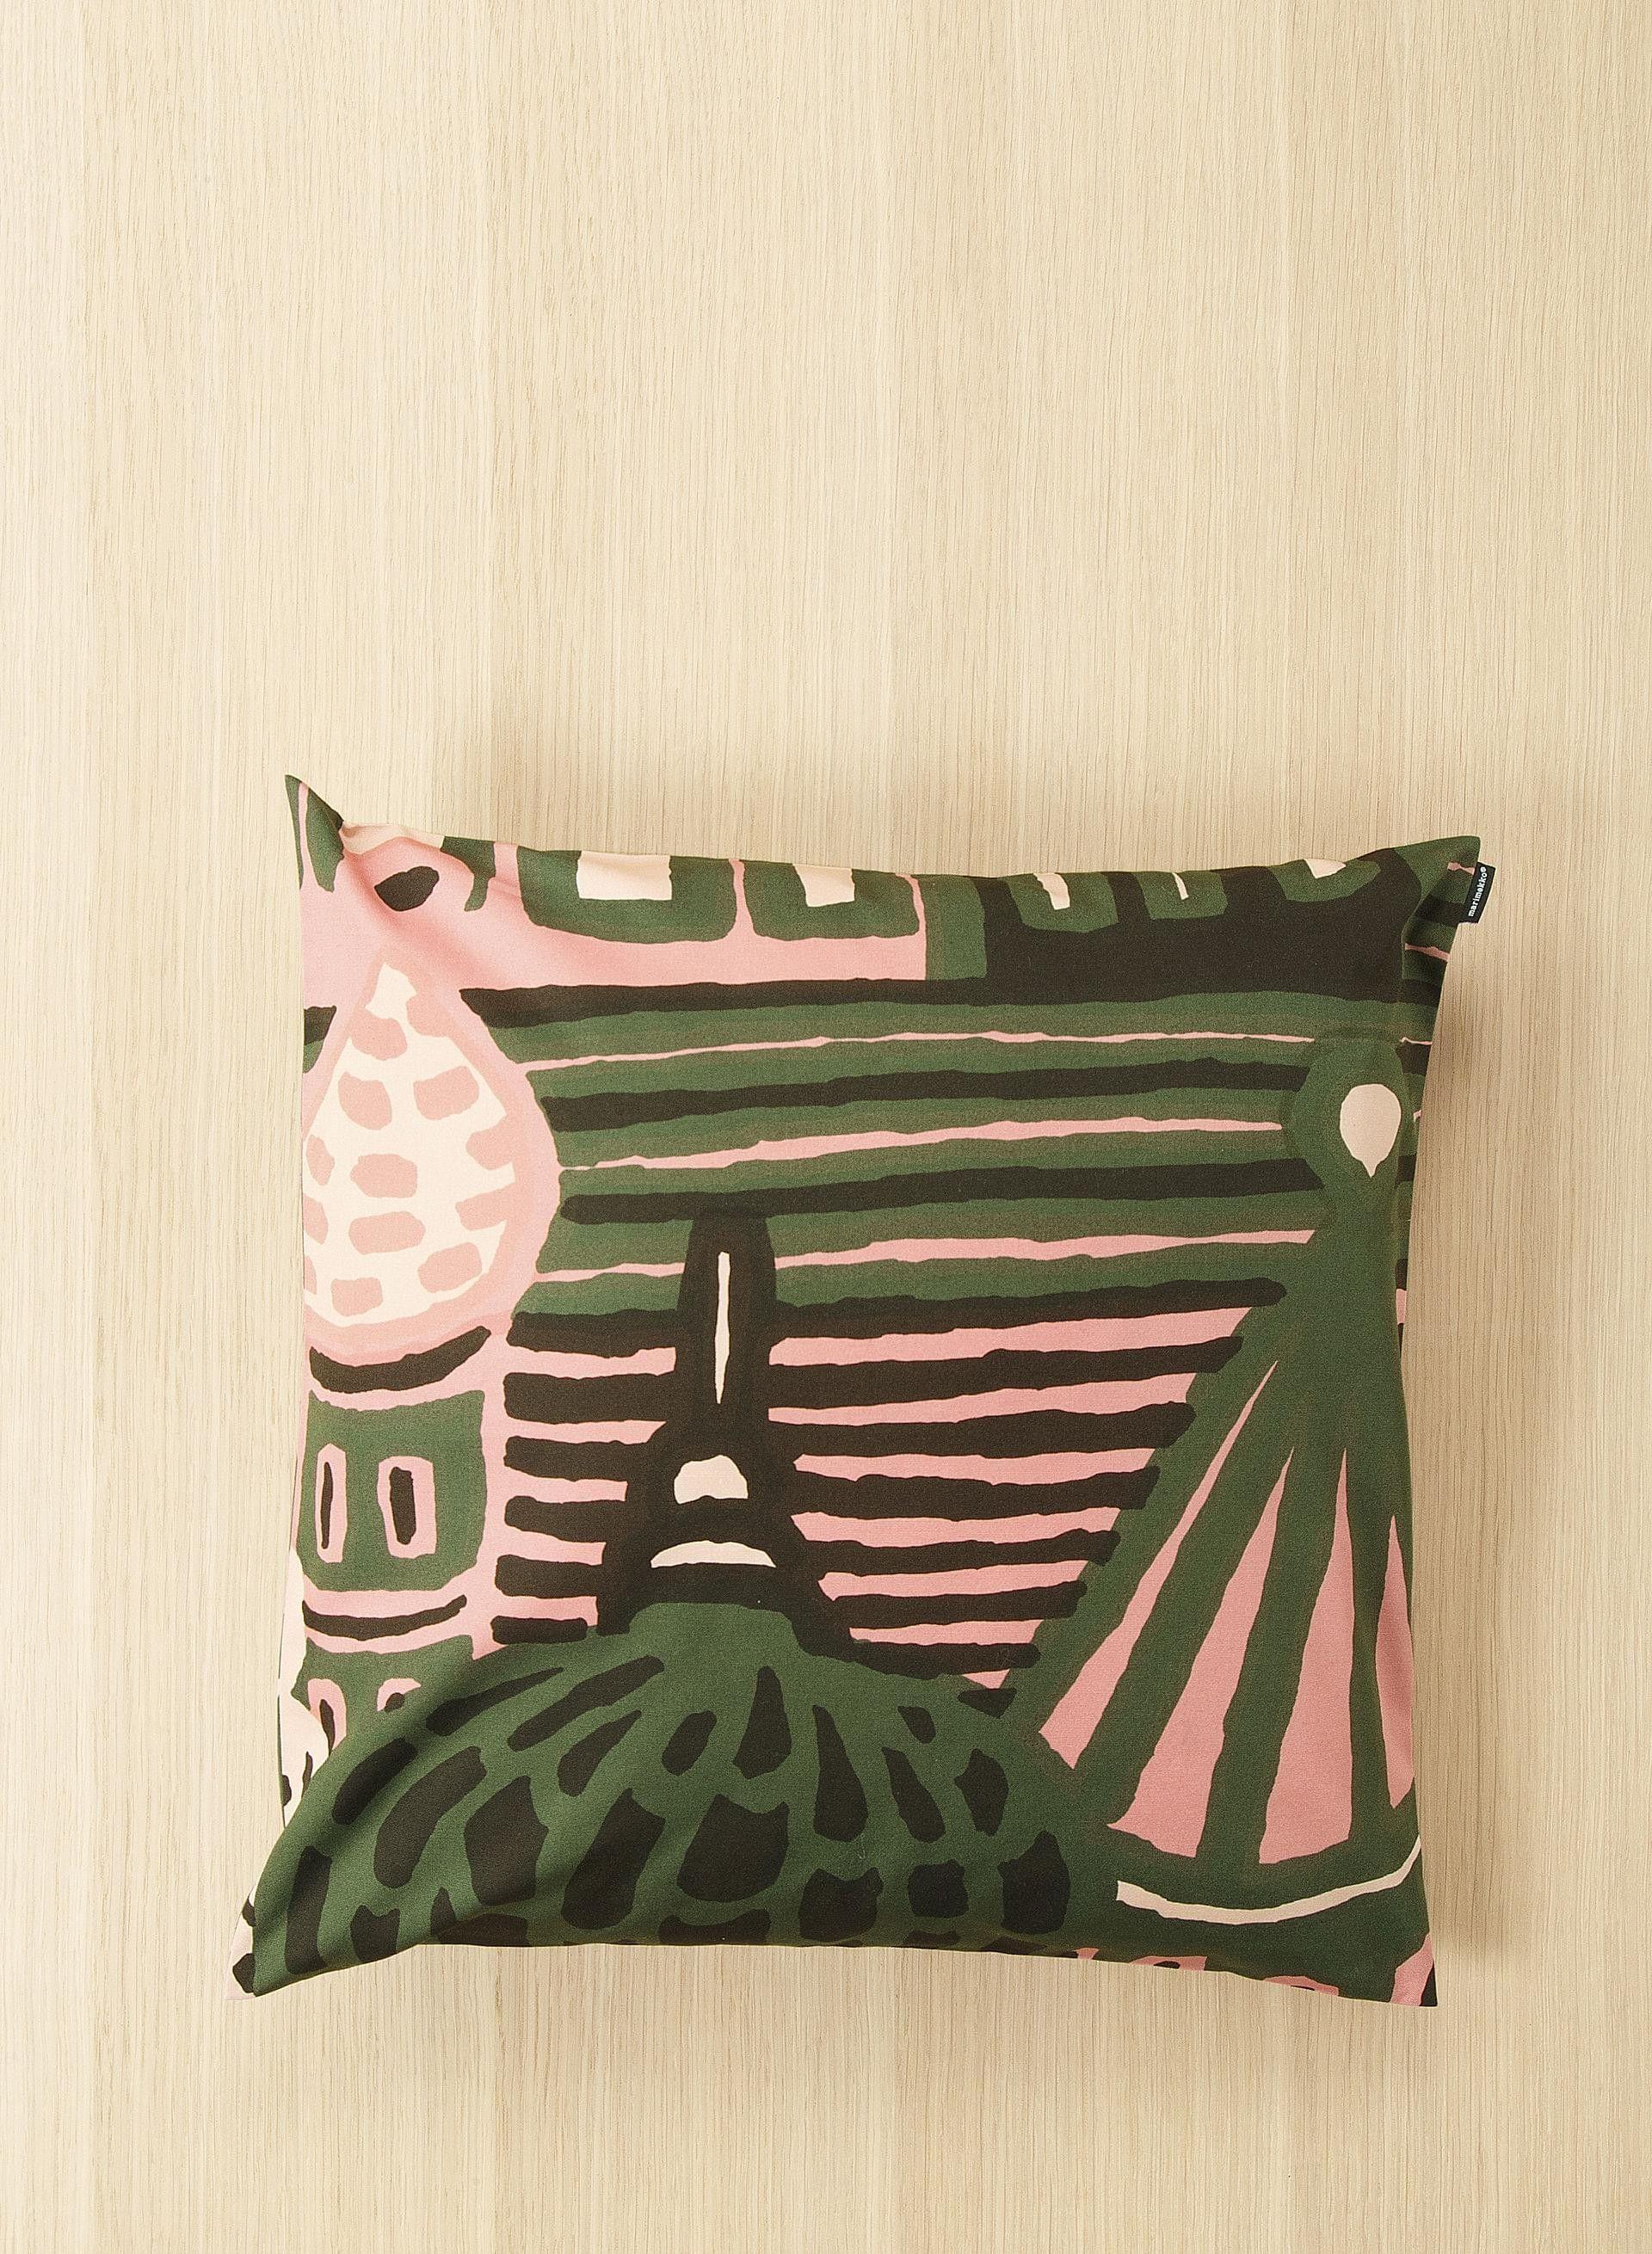 Kumiseva-tyynynpäällinen on saatavana Milanon designviikon aikana ainoastaan…